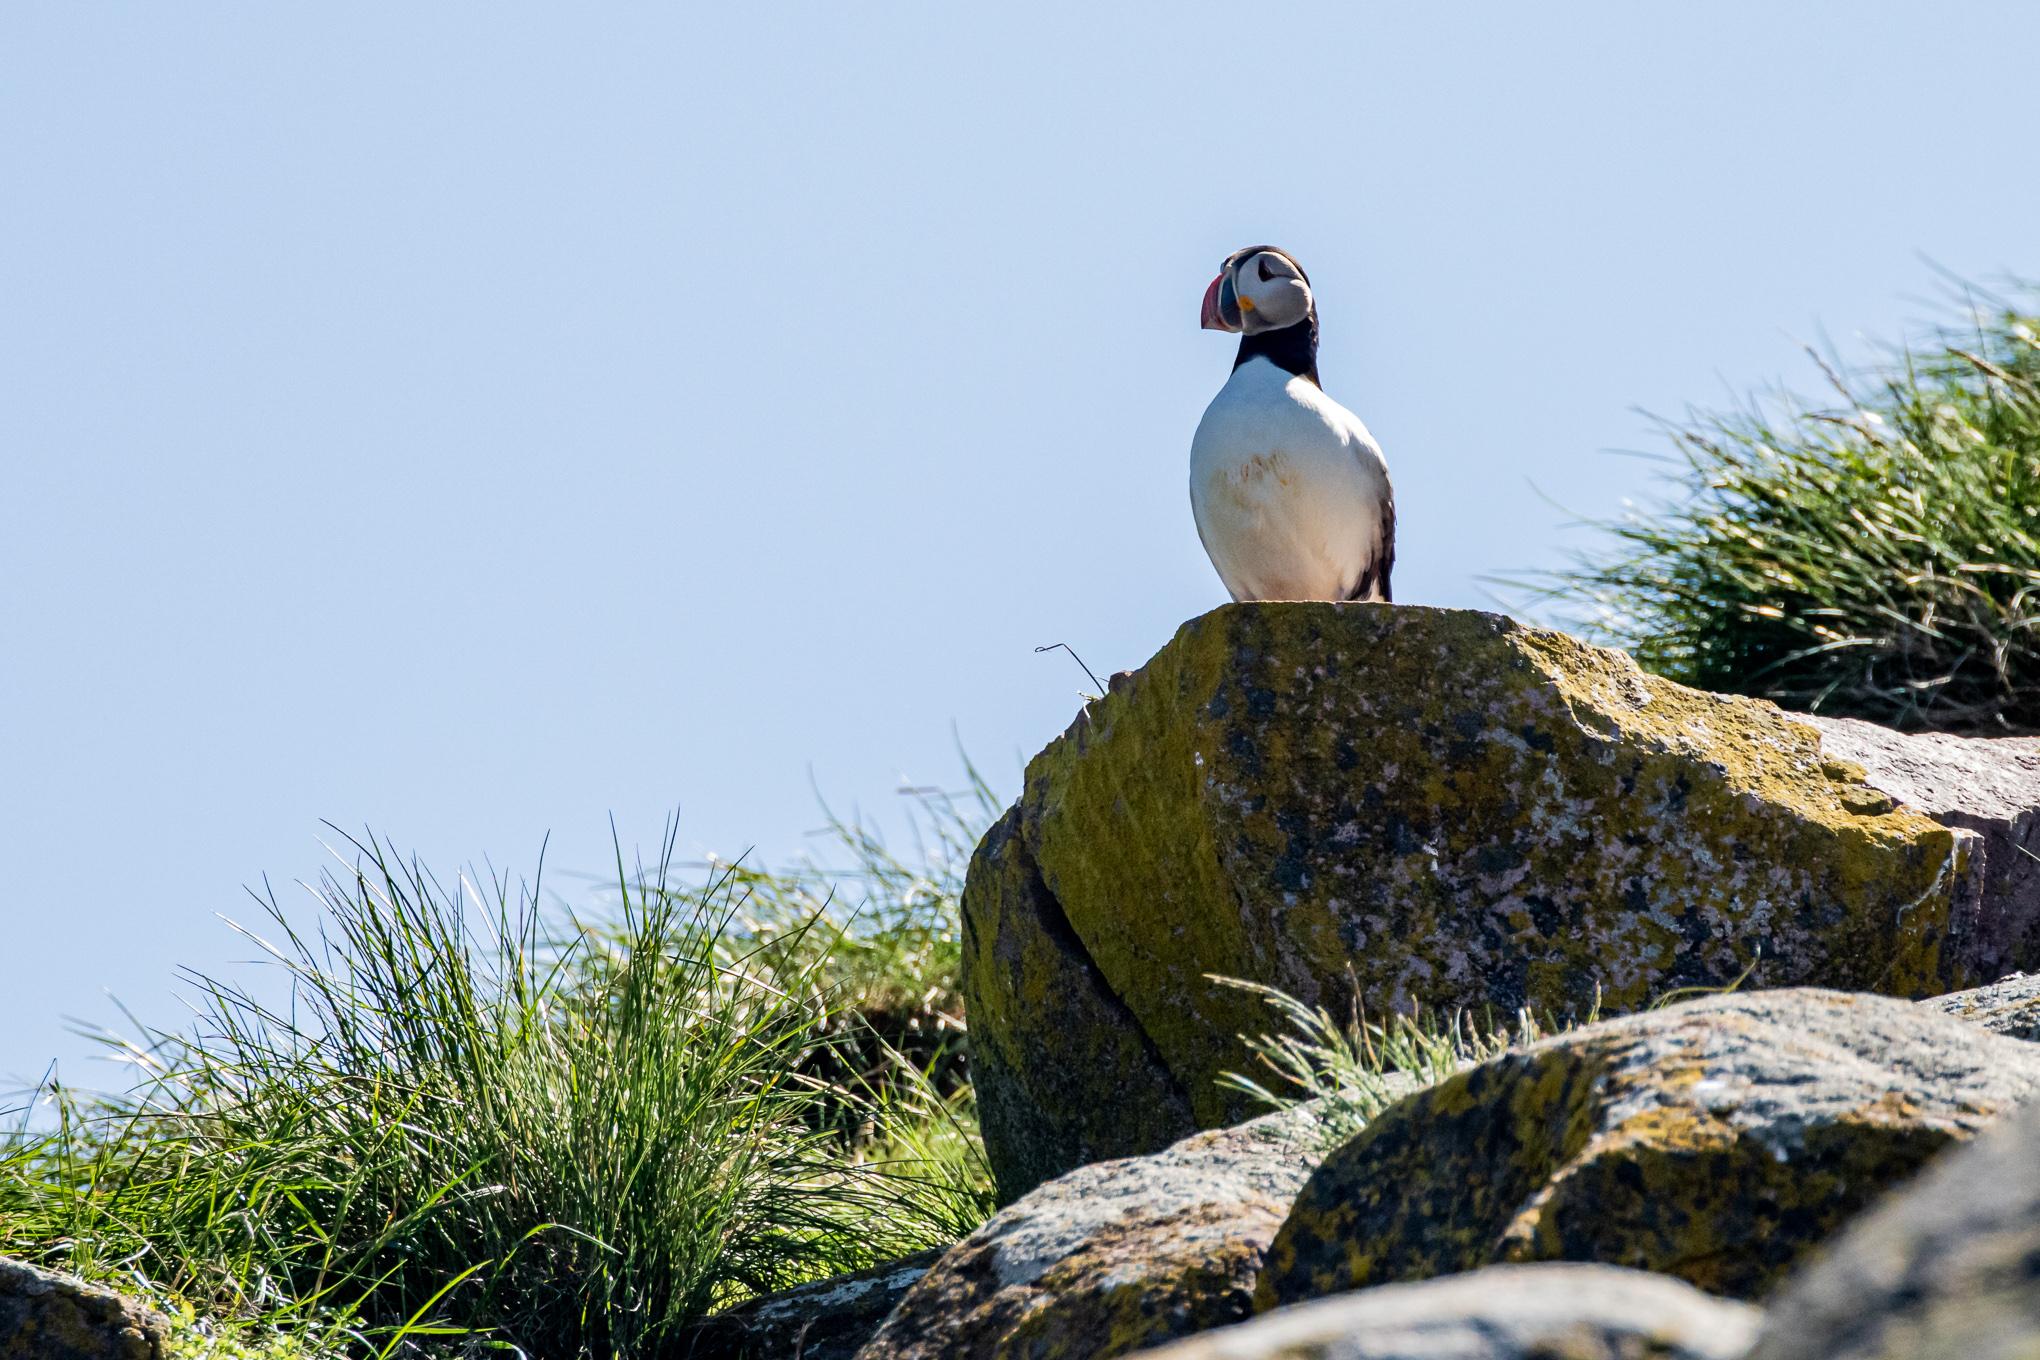 Puffin-GullIsland-WitlessBay-Newfoundland-8735.jpg